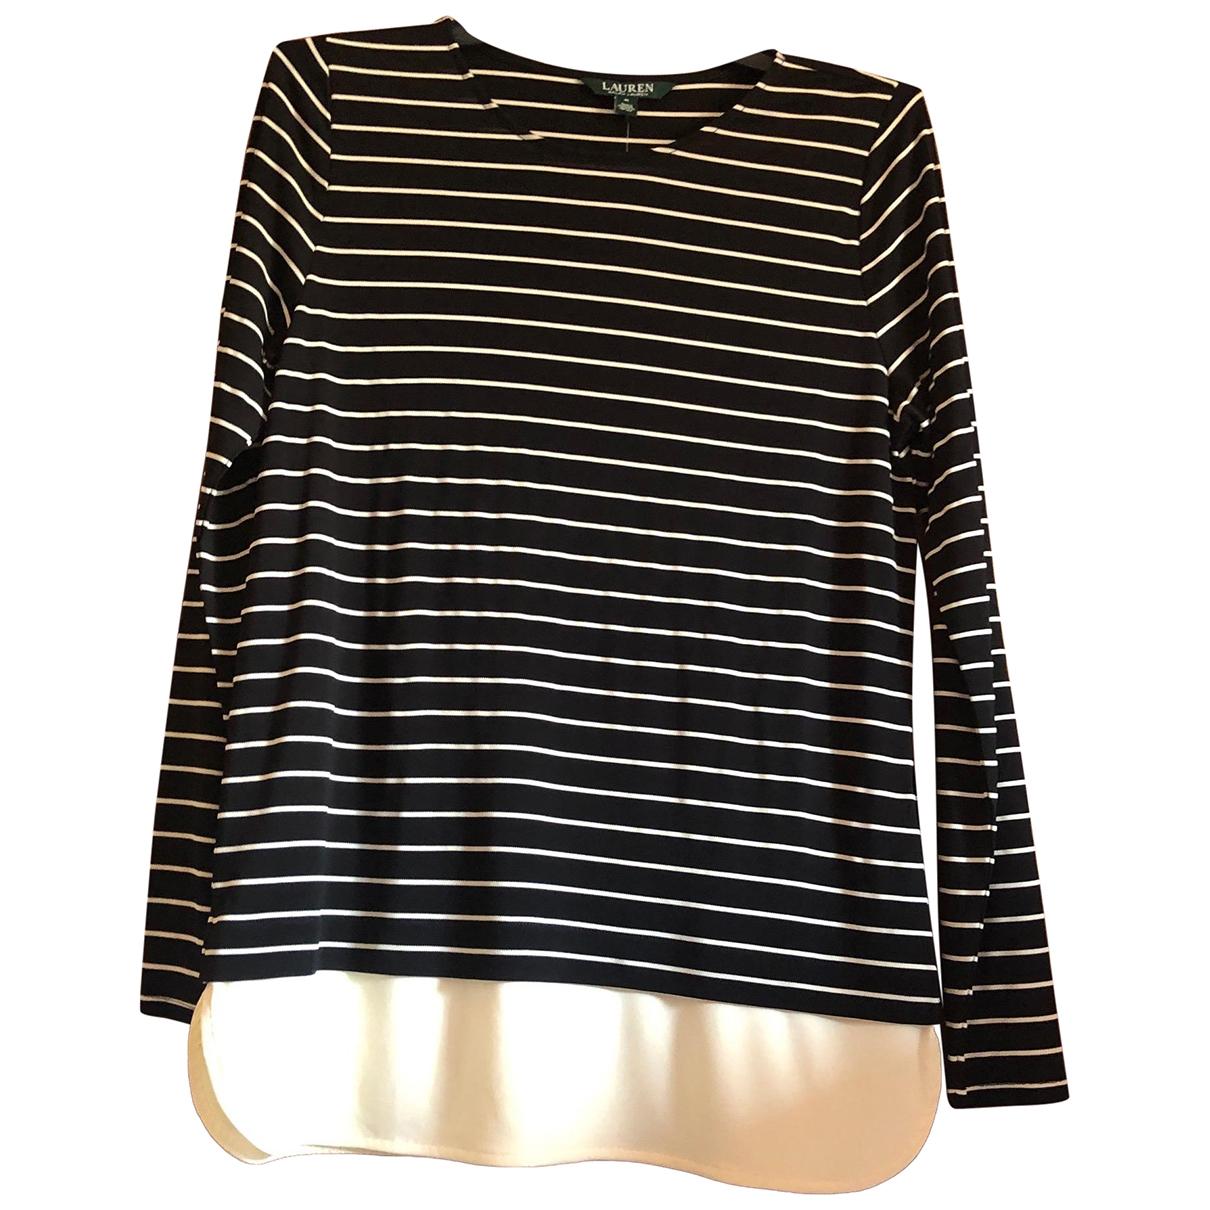 Camiseta Lauren Ralph Lauren